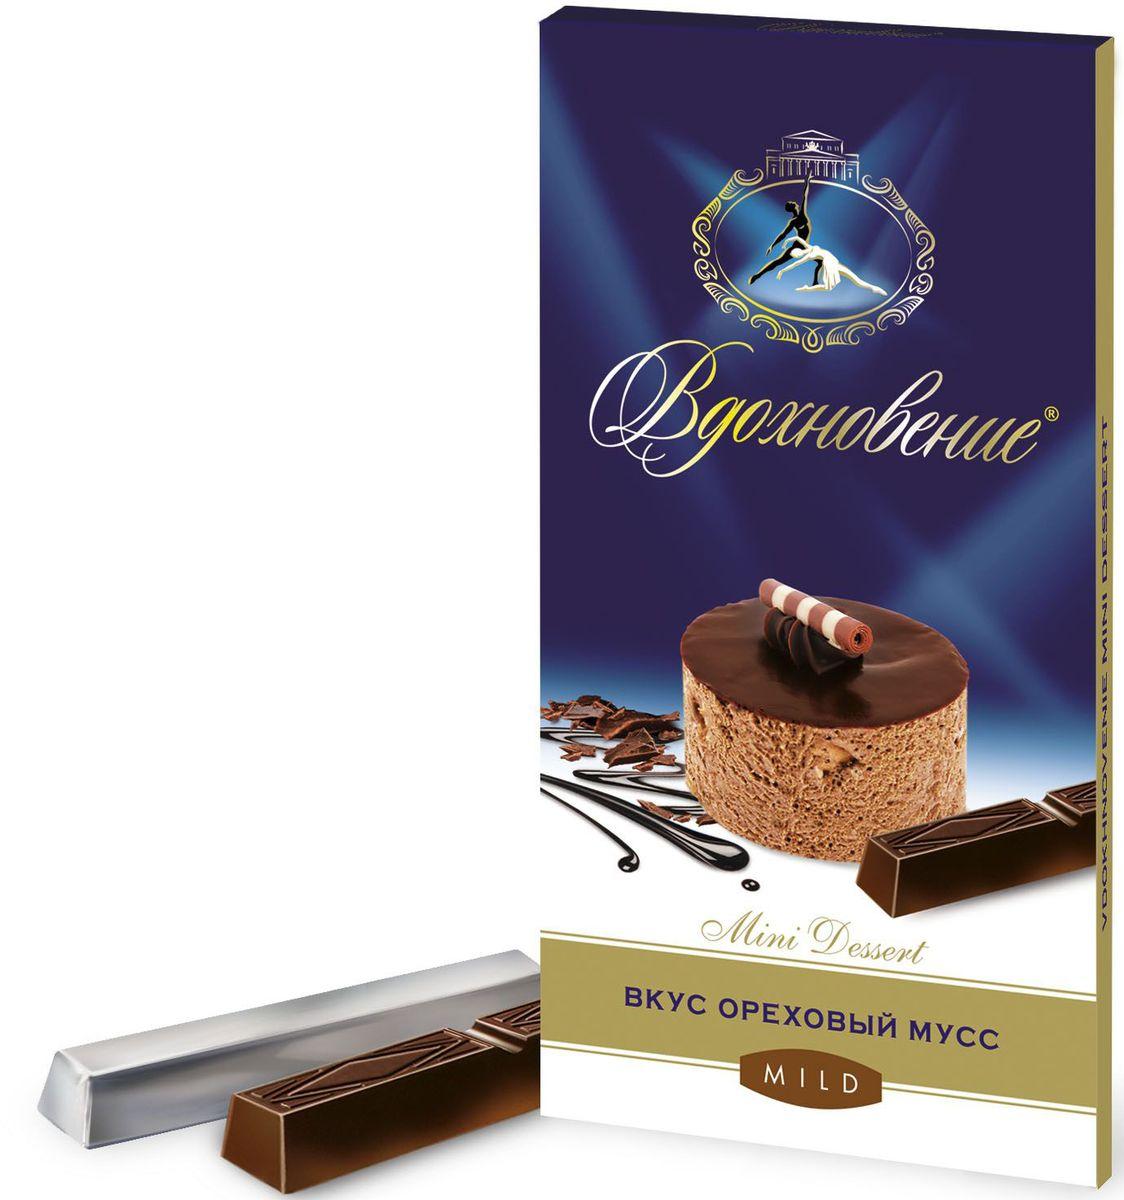 Бабаевский Вдохновение Mini Dessert вкус Ореховый мусс темный шоколад, 100 г kinder mini mix подарочный набор 106 5 г